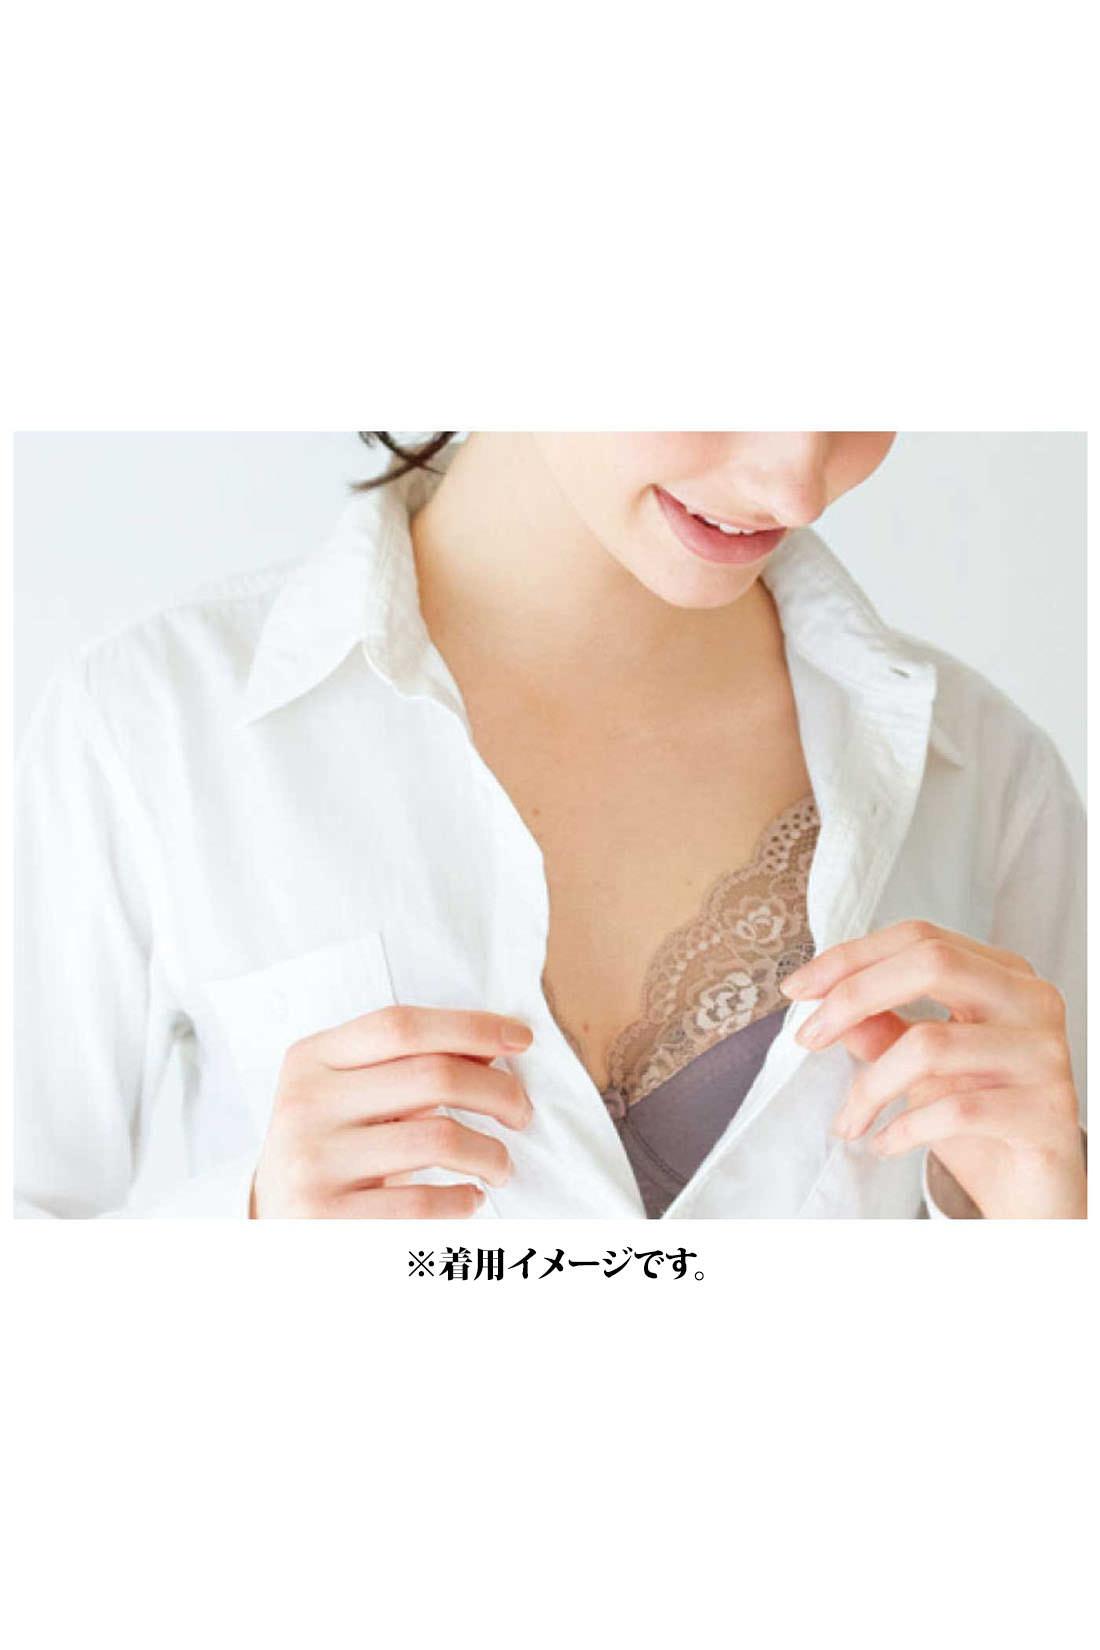 大きい胸さんのための透けずに美しく決まるフルカップブラ〈グレイッシュベージュ〉